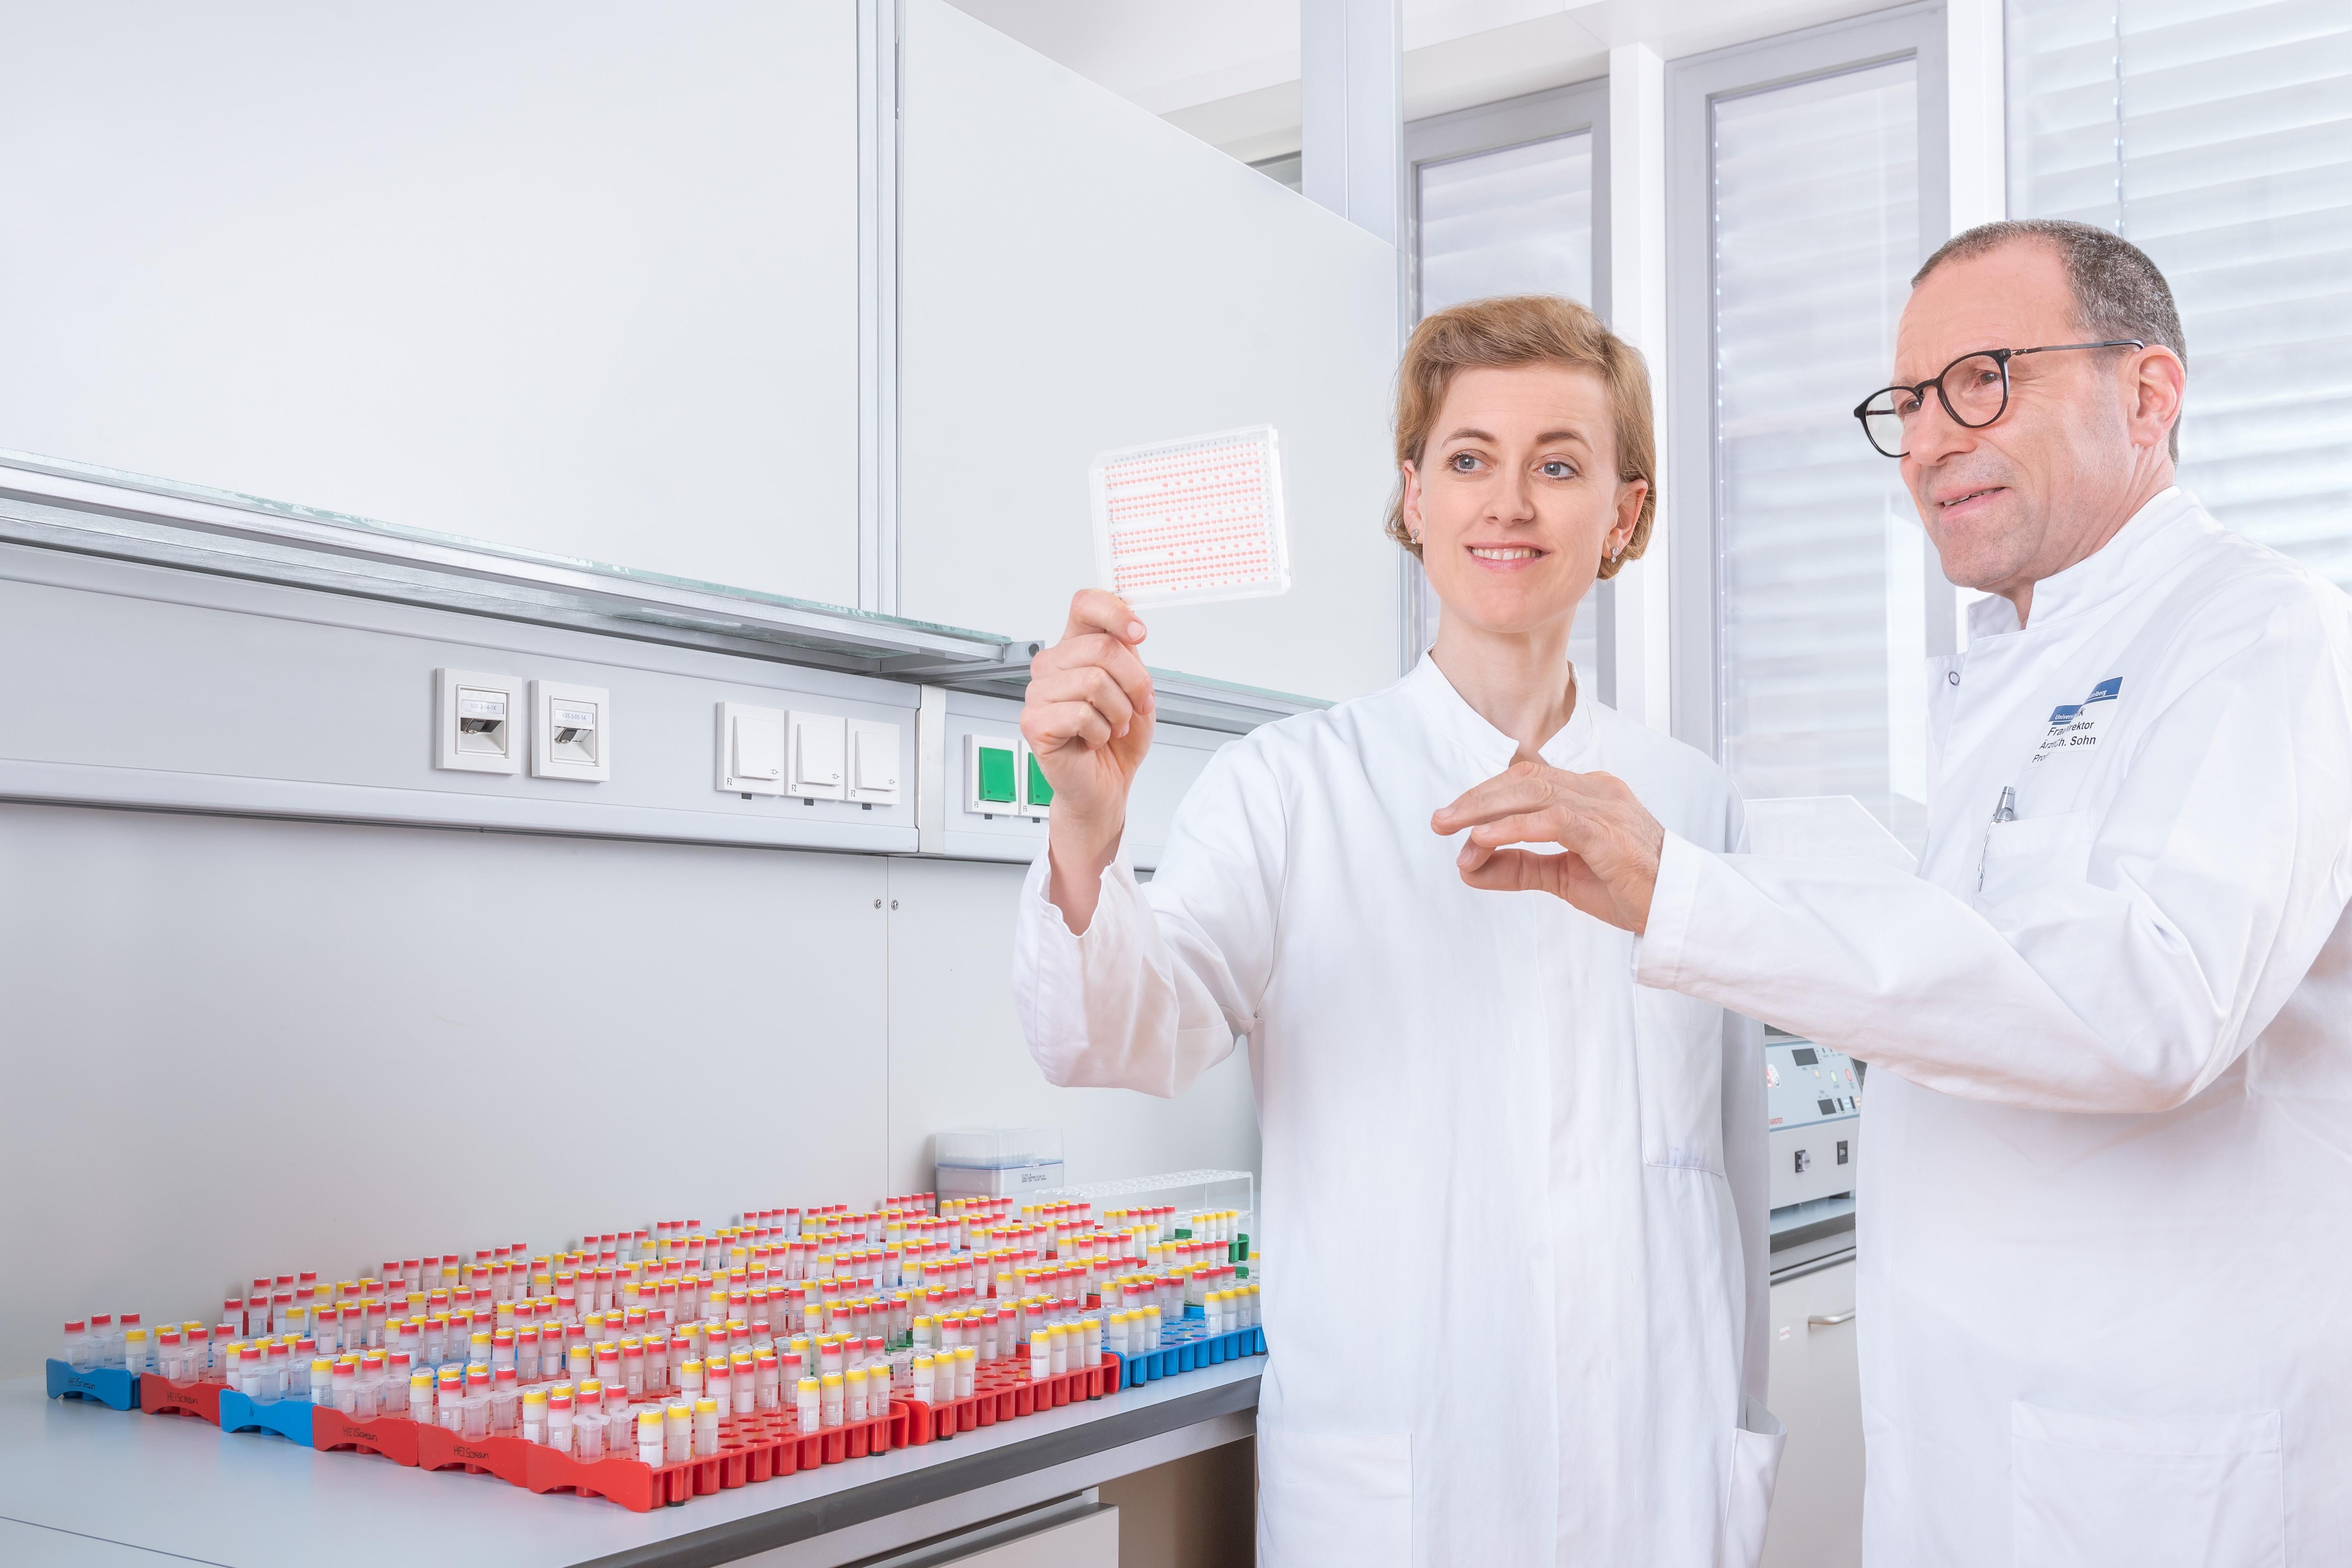 Die Professoren Sarah Schott und Christof Sohn von der Universitätsfrauenklinik haben im Februar den umstrittenen Bluttest vorgestellt